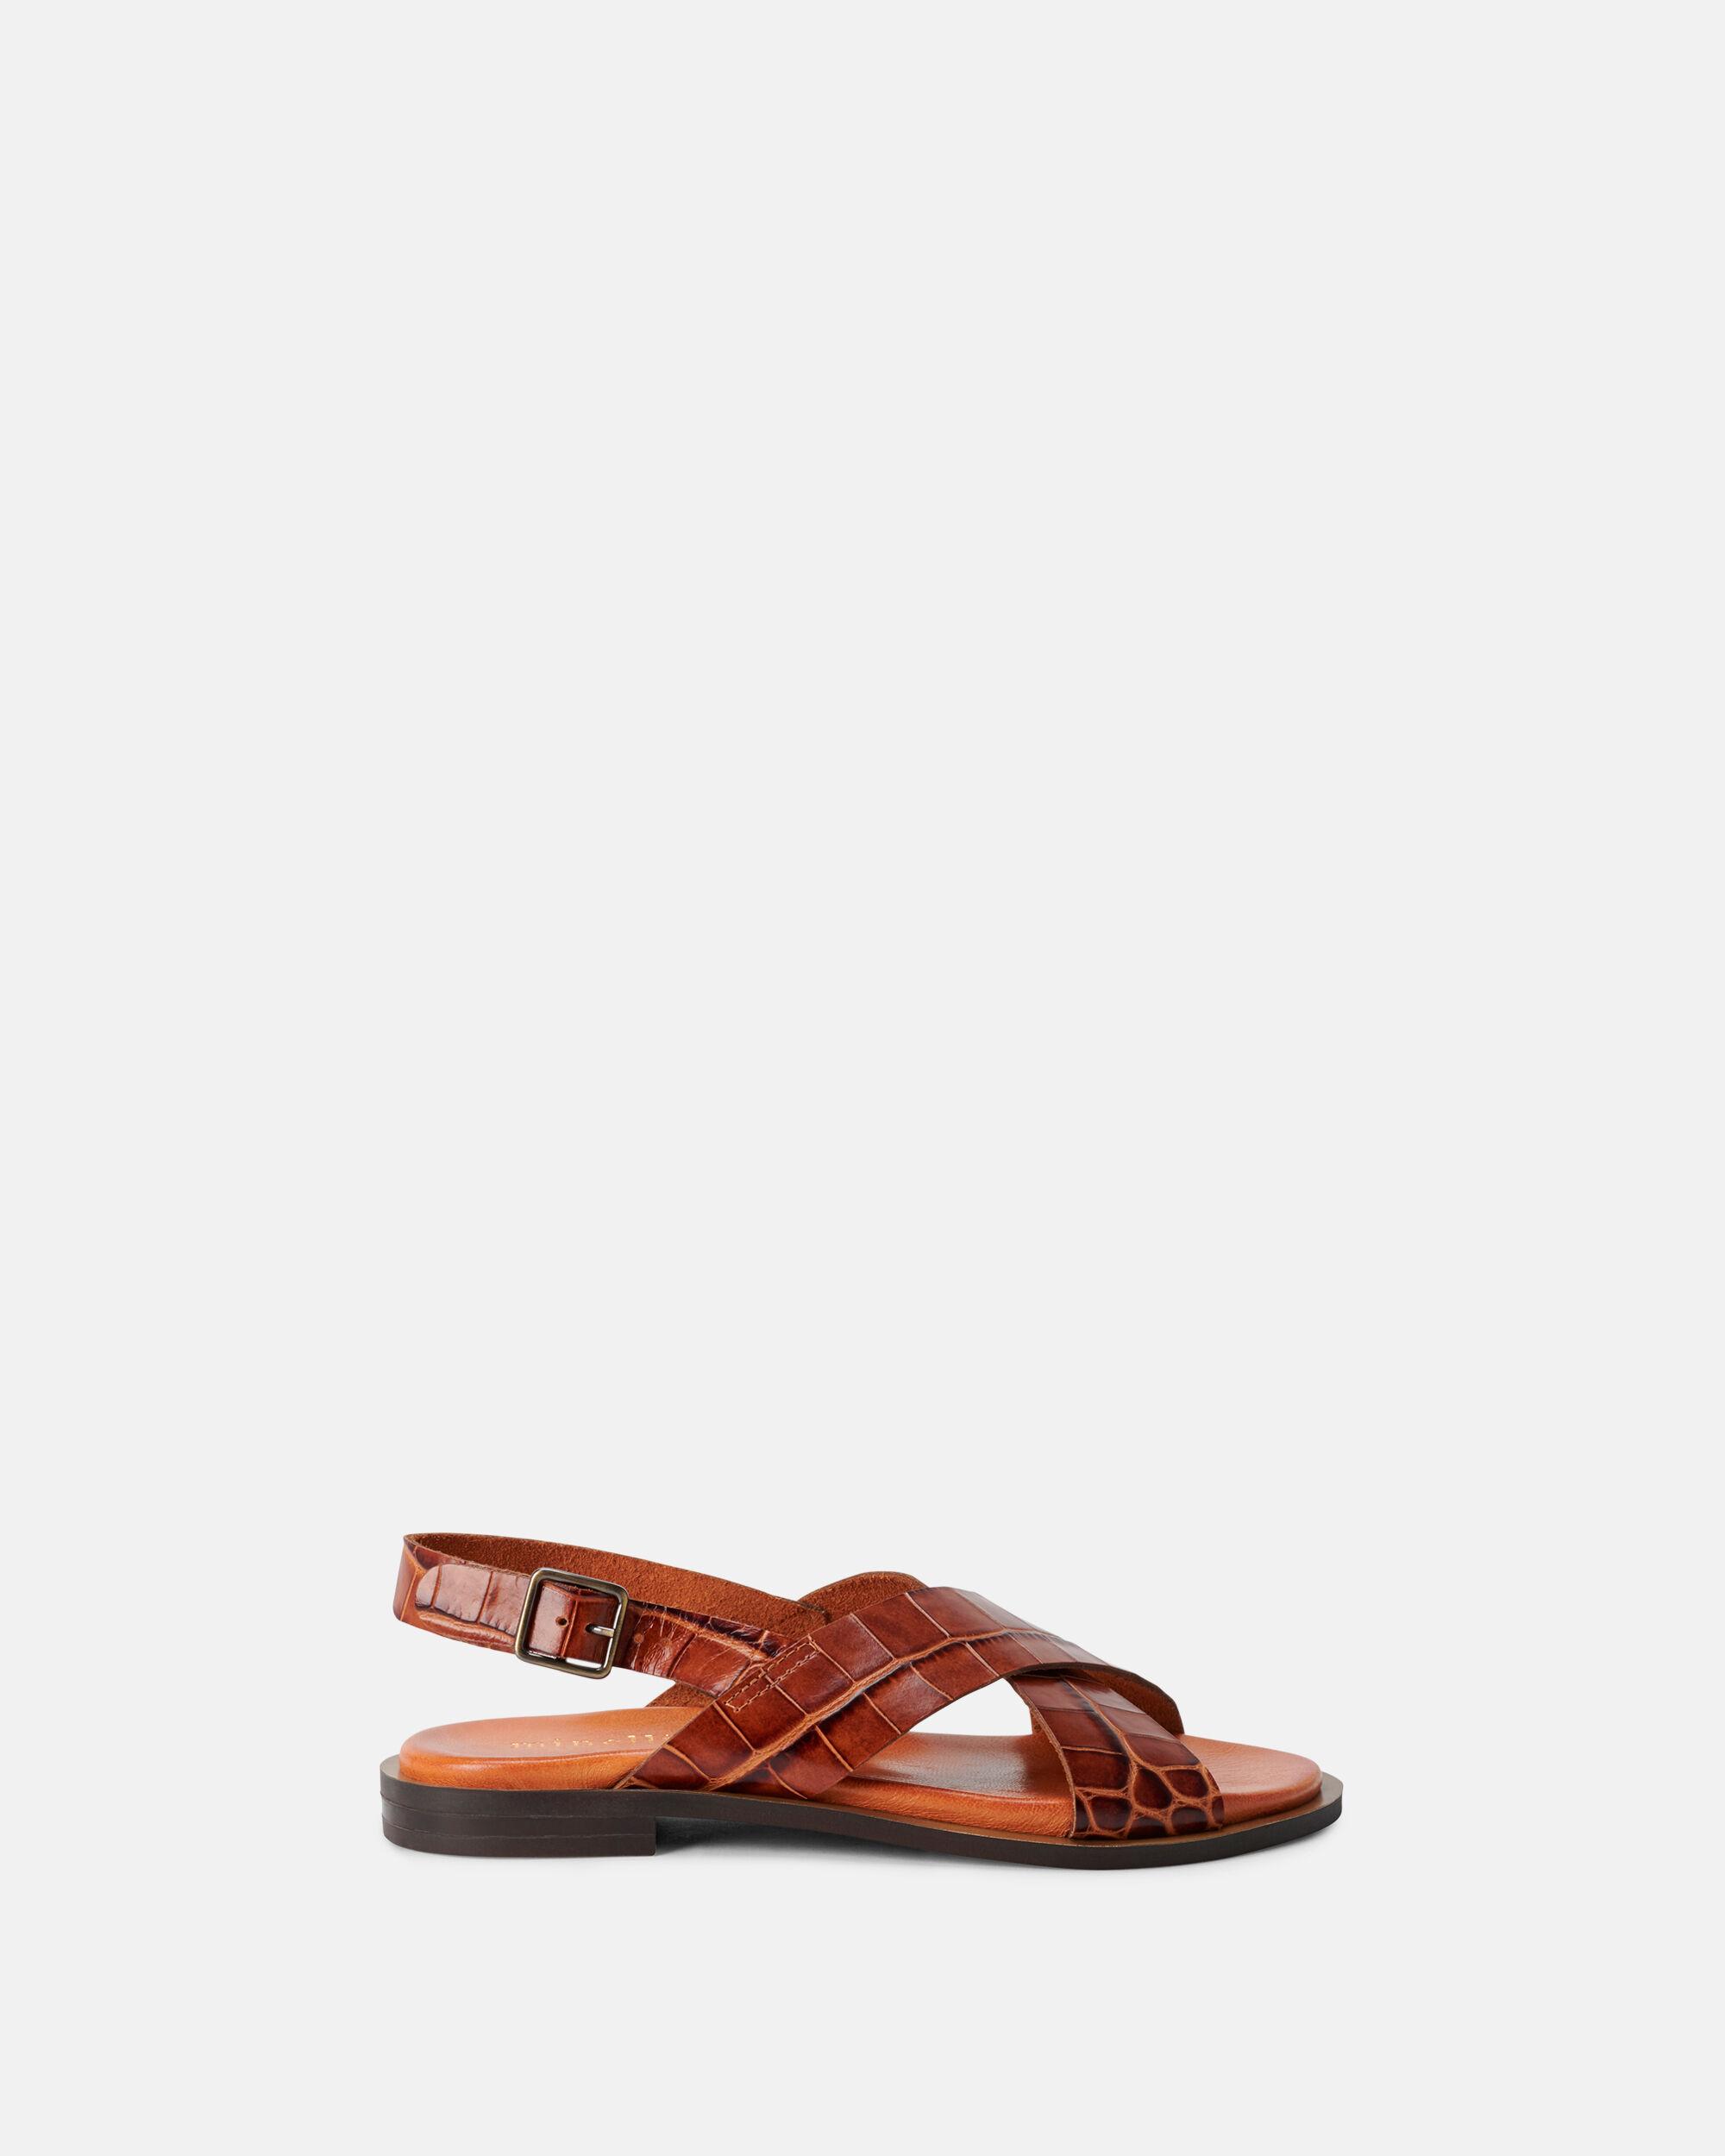 Sandale plate , Marikko